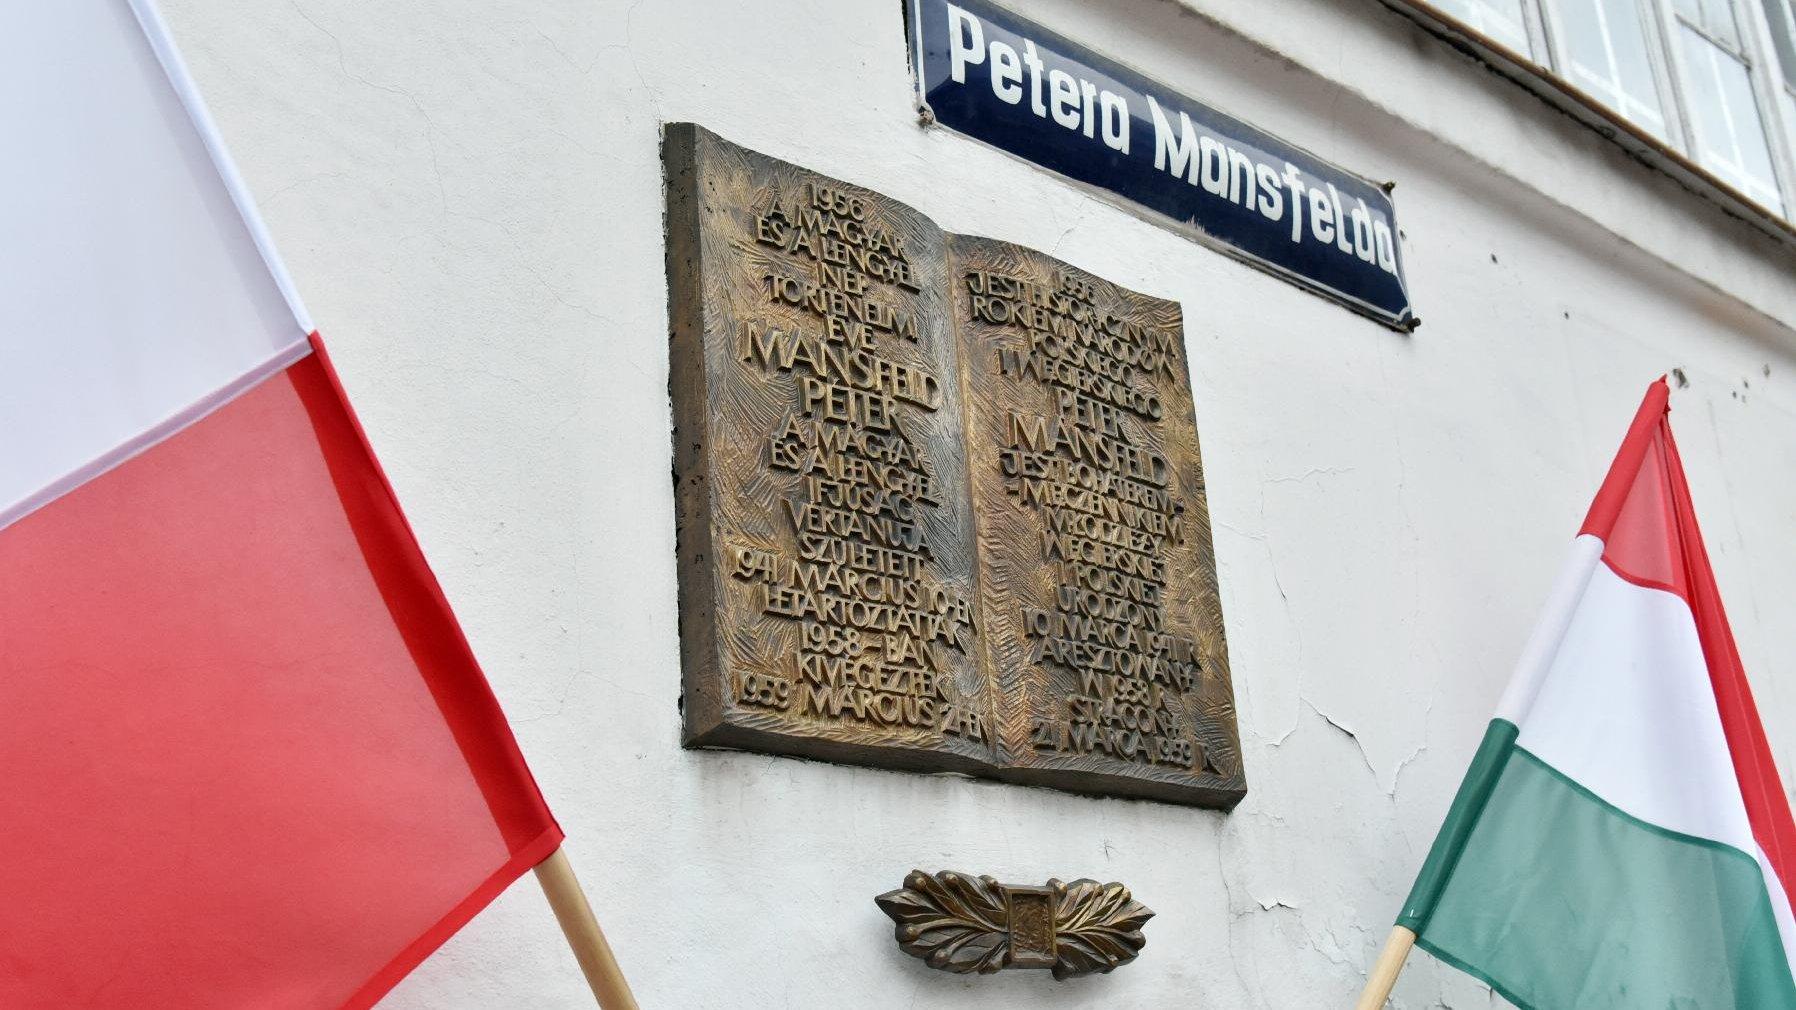 Na zdjęciu widać tablicę poświęconą pamięci Petera Mansfelda. Po bokach kadru flagi Poslki i Węgier. - grafika artykułu